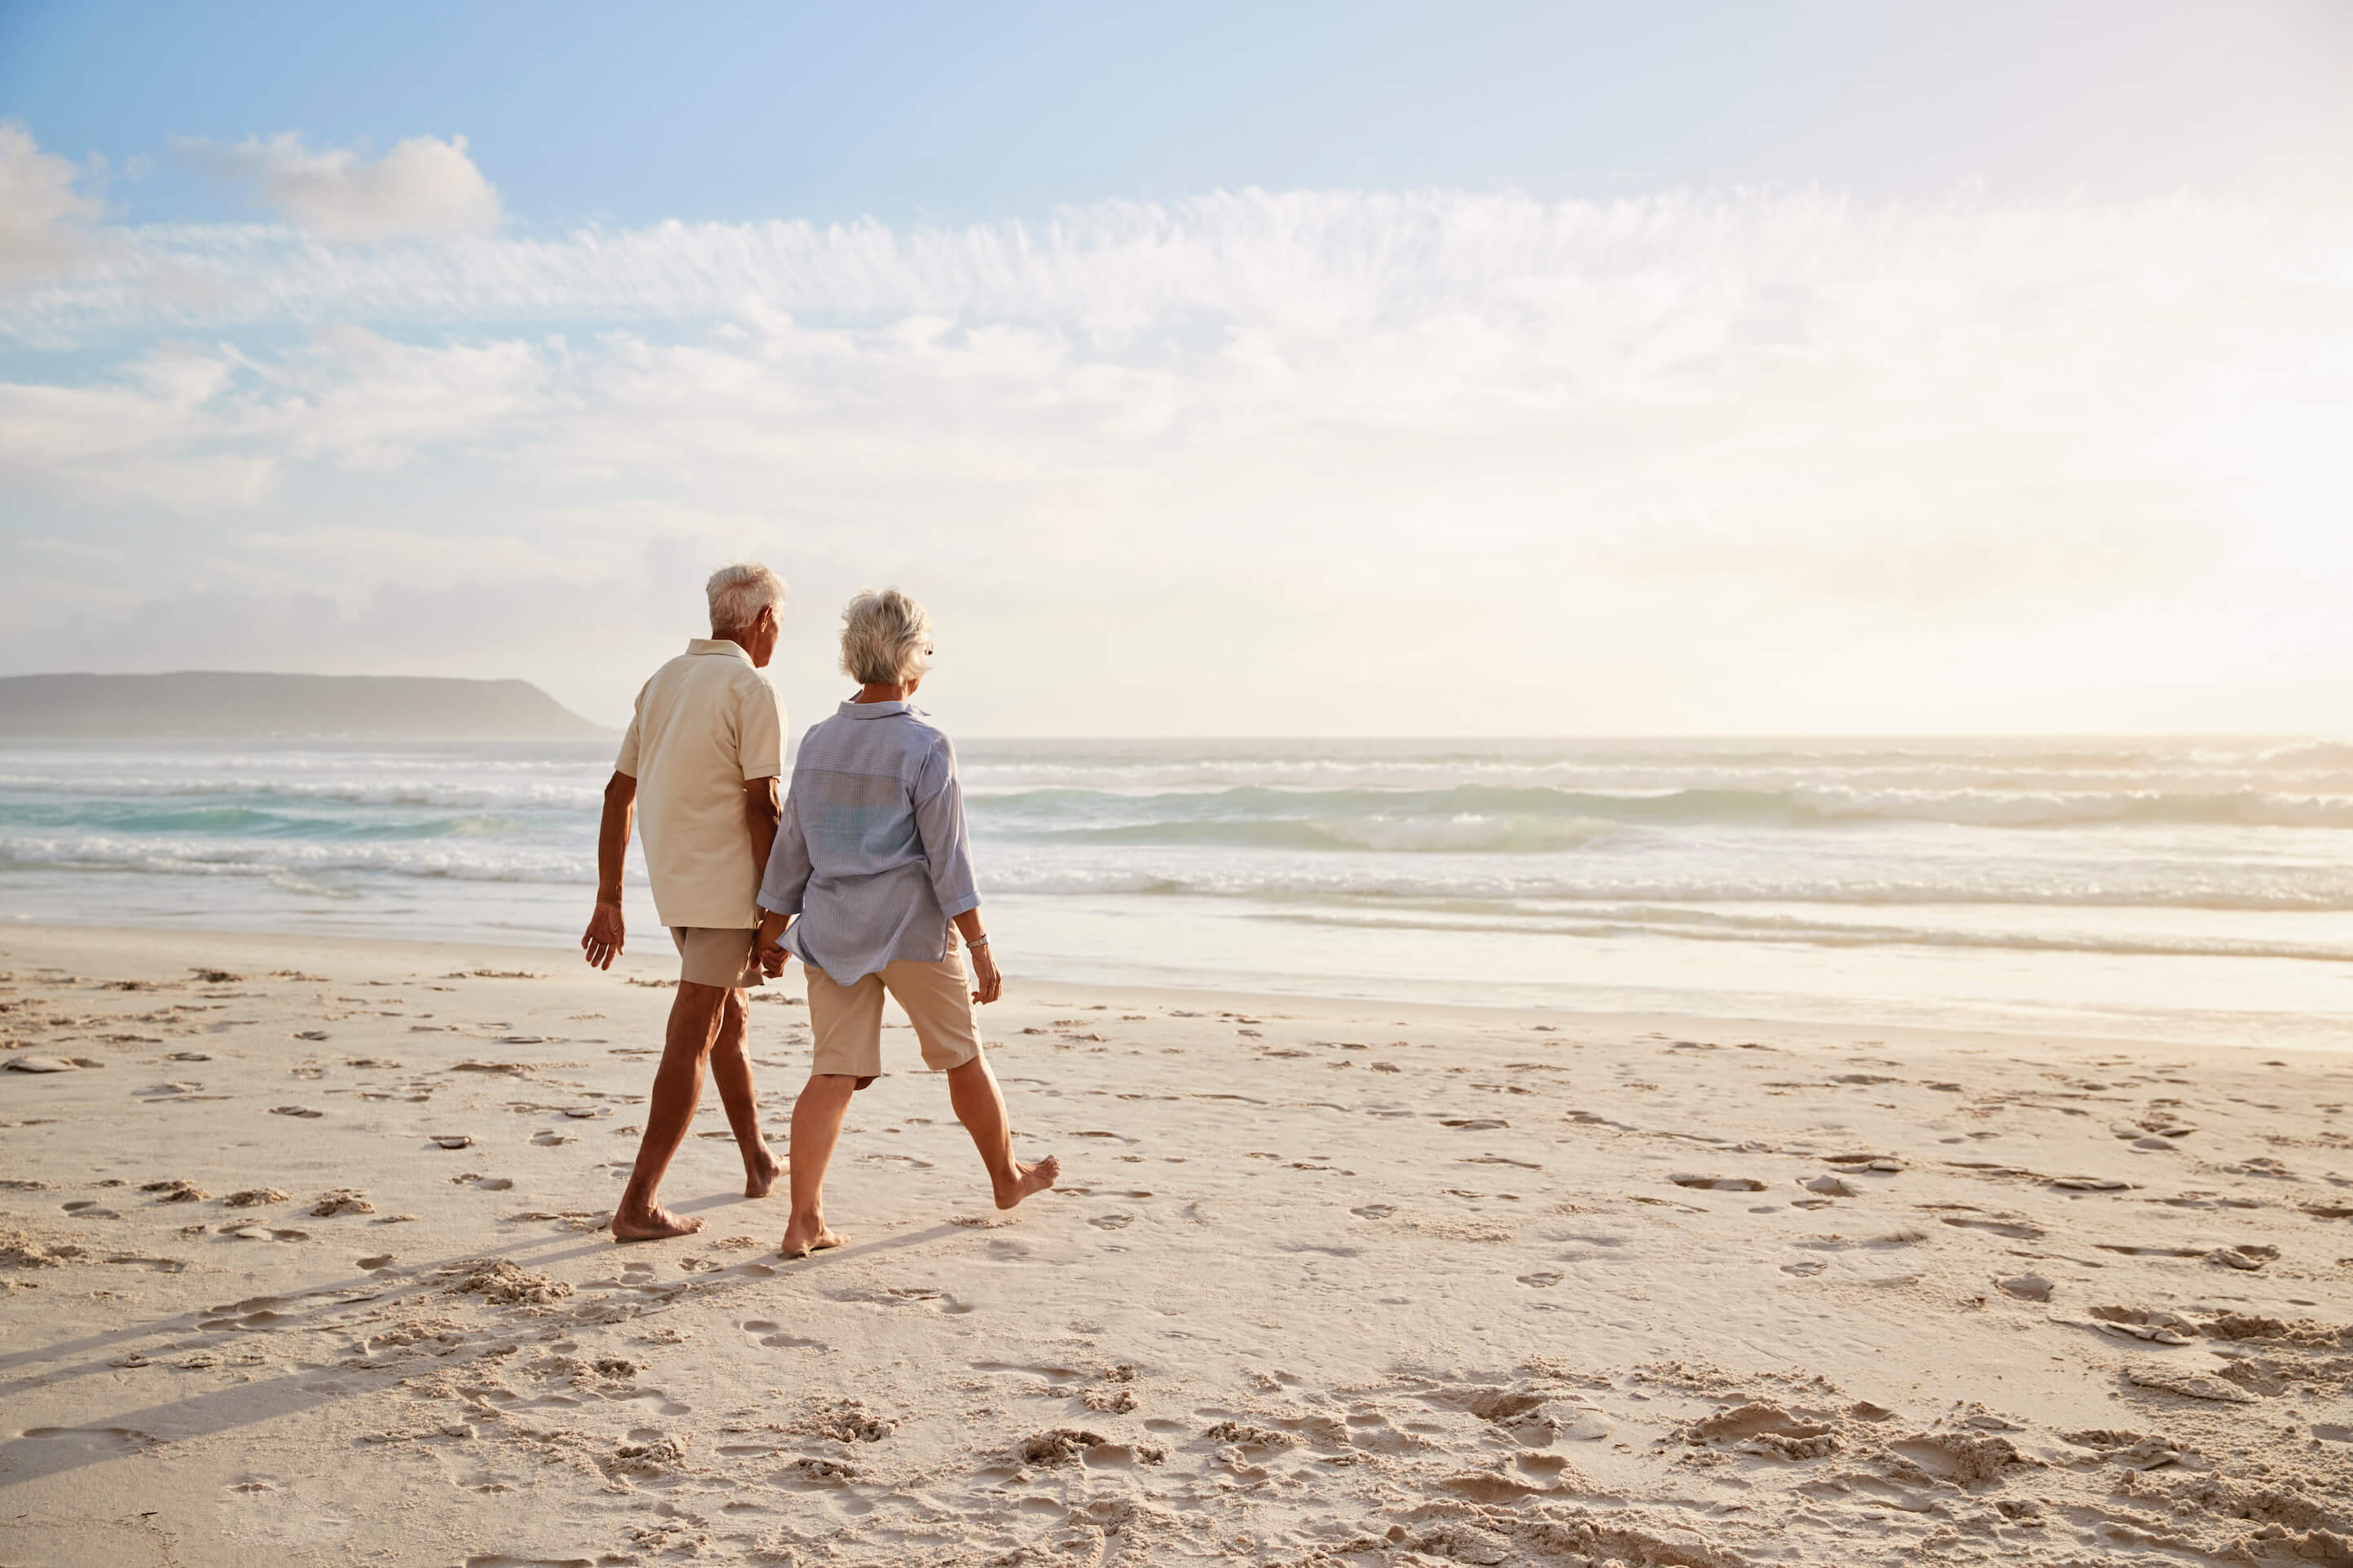 16 Florida Dementia Care Resources